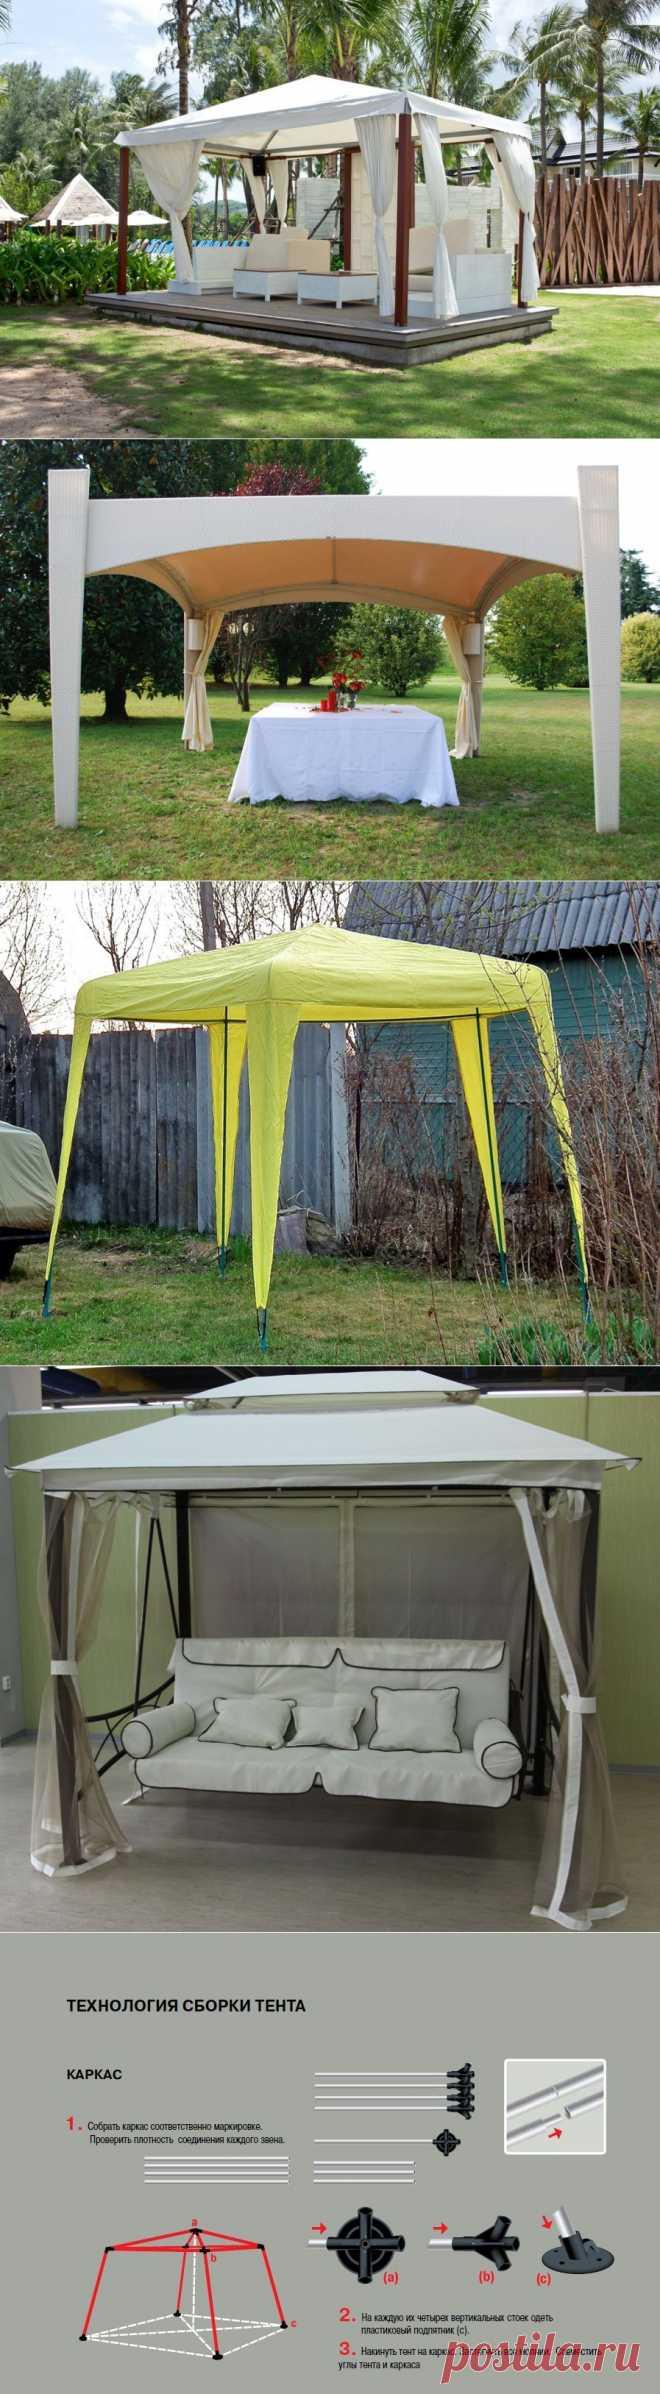 Тент для дачи. Тенты на даче — самый простой способ защитить себя от палящих лучей солнца или, наоборот, осадков, проводя время на свежем воздухе. Далеко не у всех на даче есть постоянная беседка, место, время и возможность ее построить. А достоинство тента в том, что его можно перенести в любое удобное место — на газон или к пруду, быстро ставить и легко убирать, можно взять с собой в машине куда угодно.